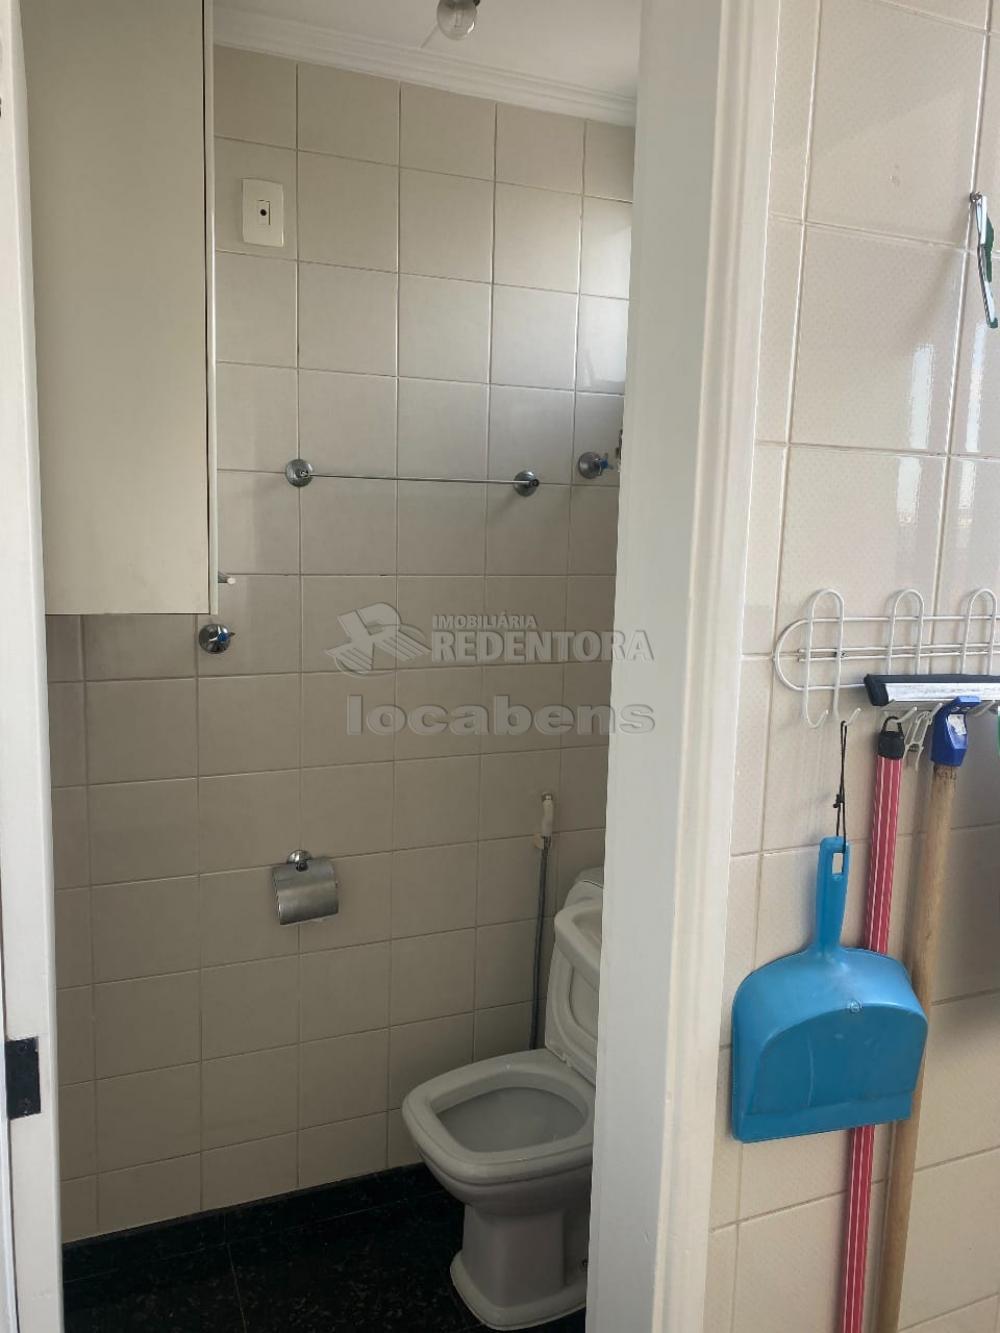 Comprar Apartamento / Padrão em São Paulo R$ 495.000,00 - Foto 23